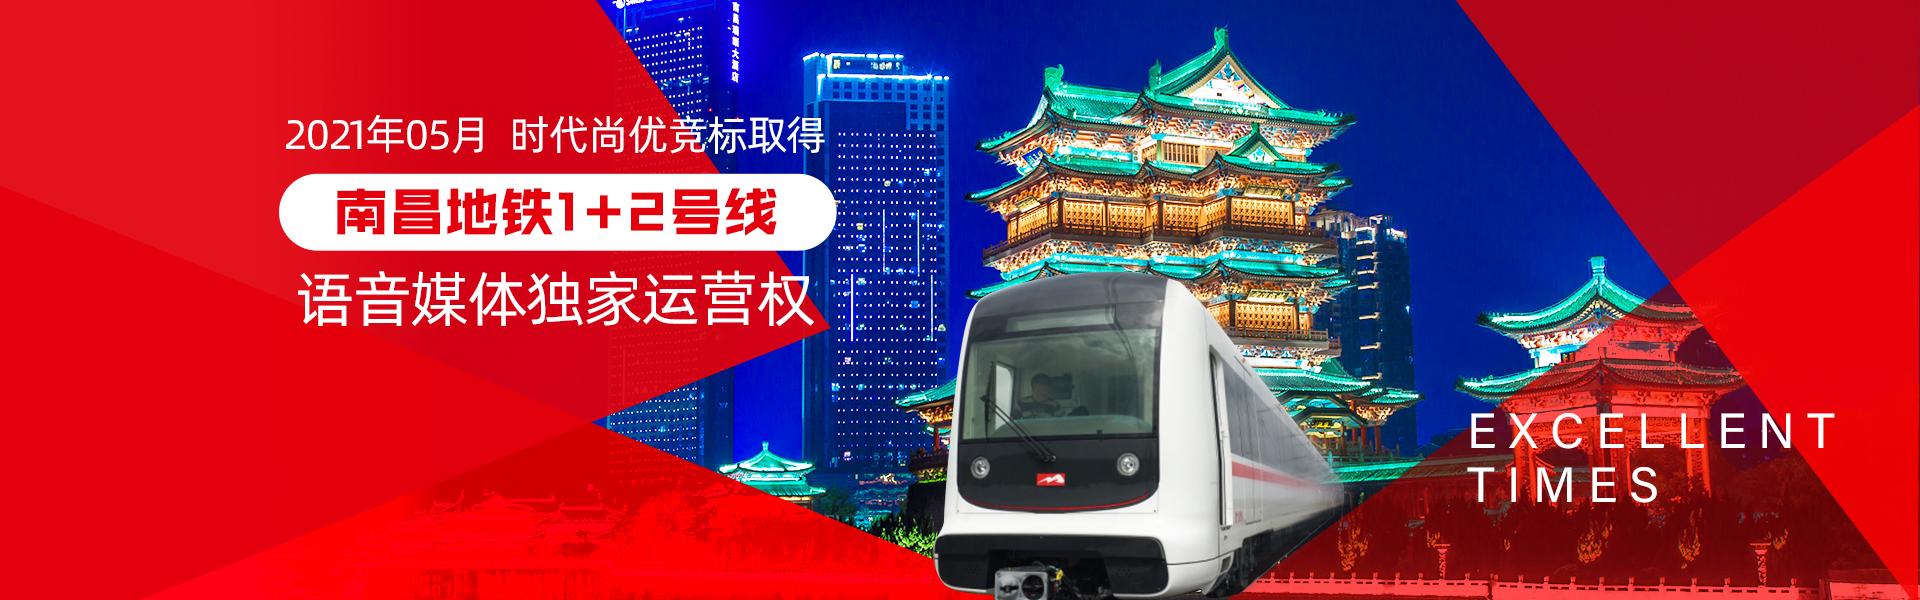 南昌banner